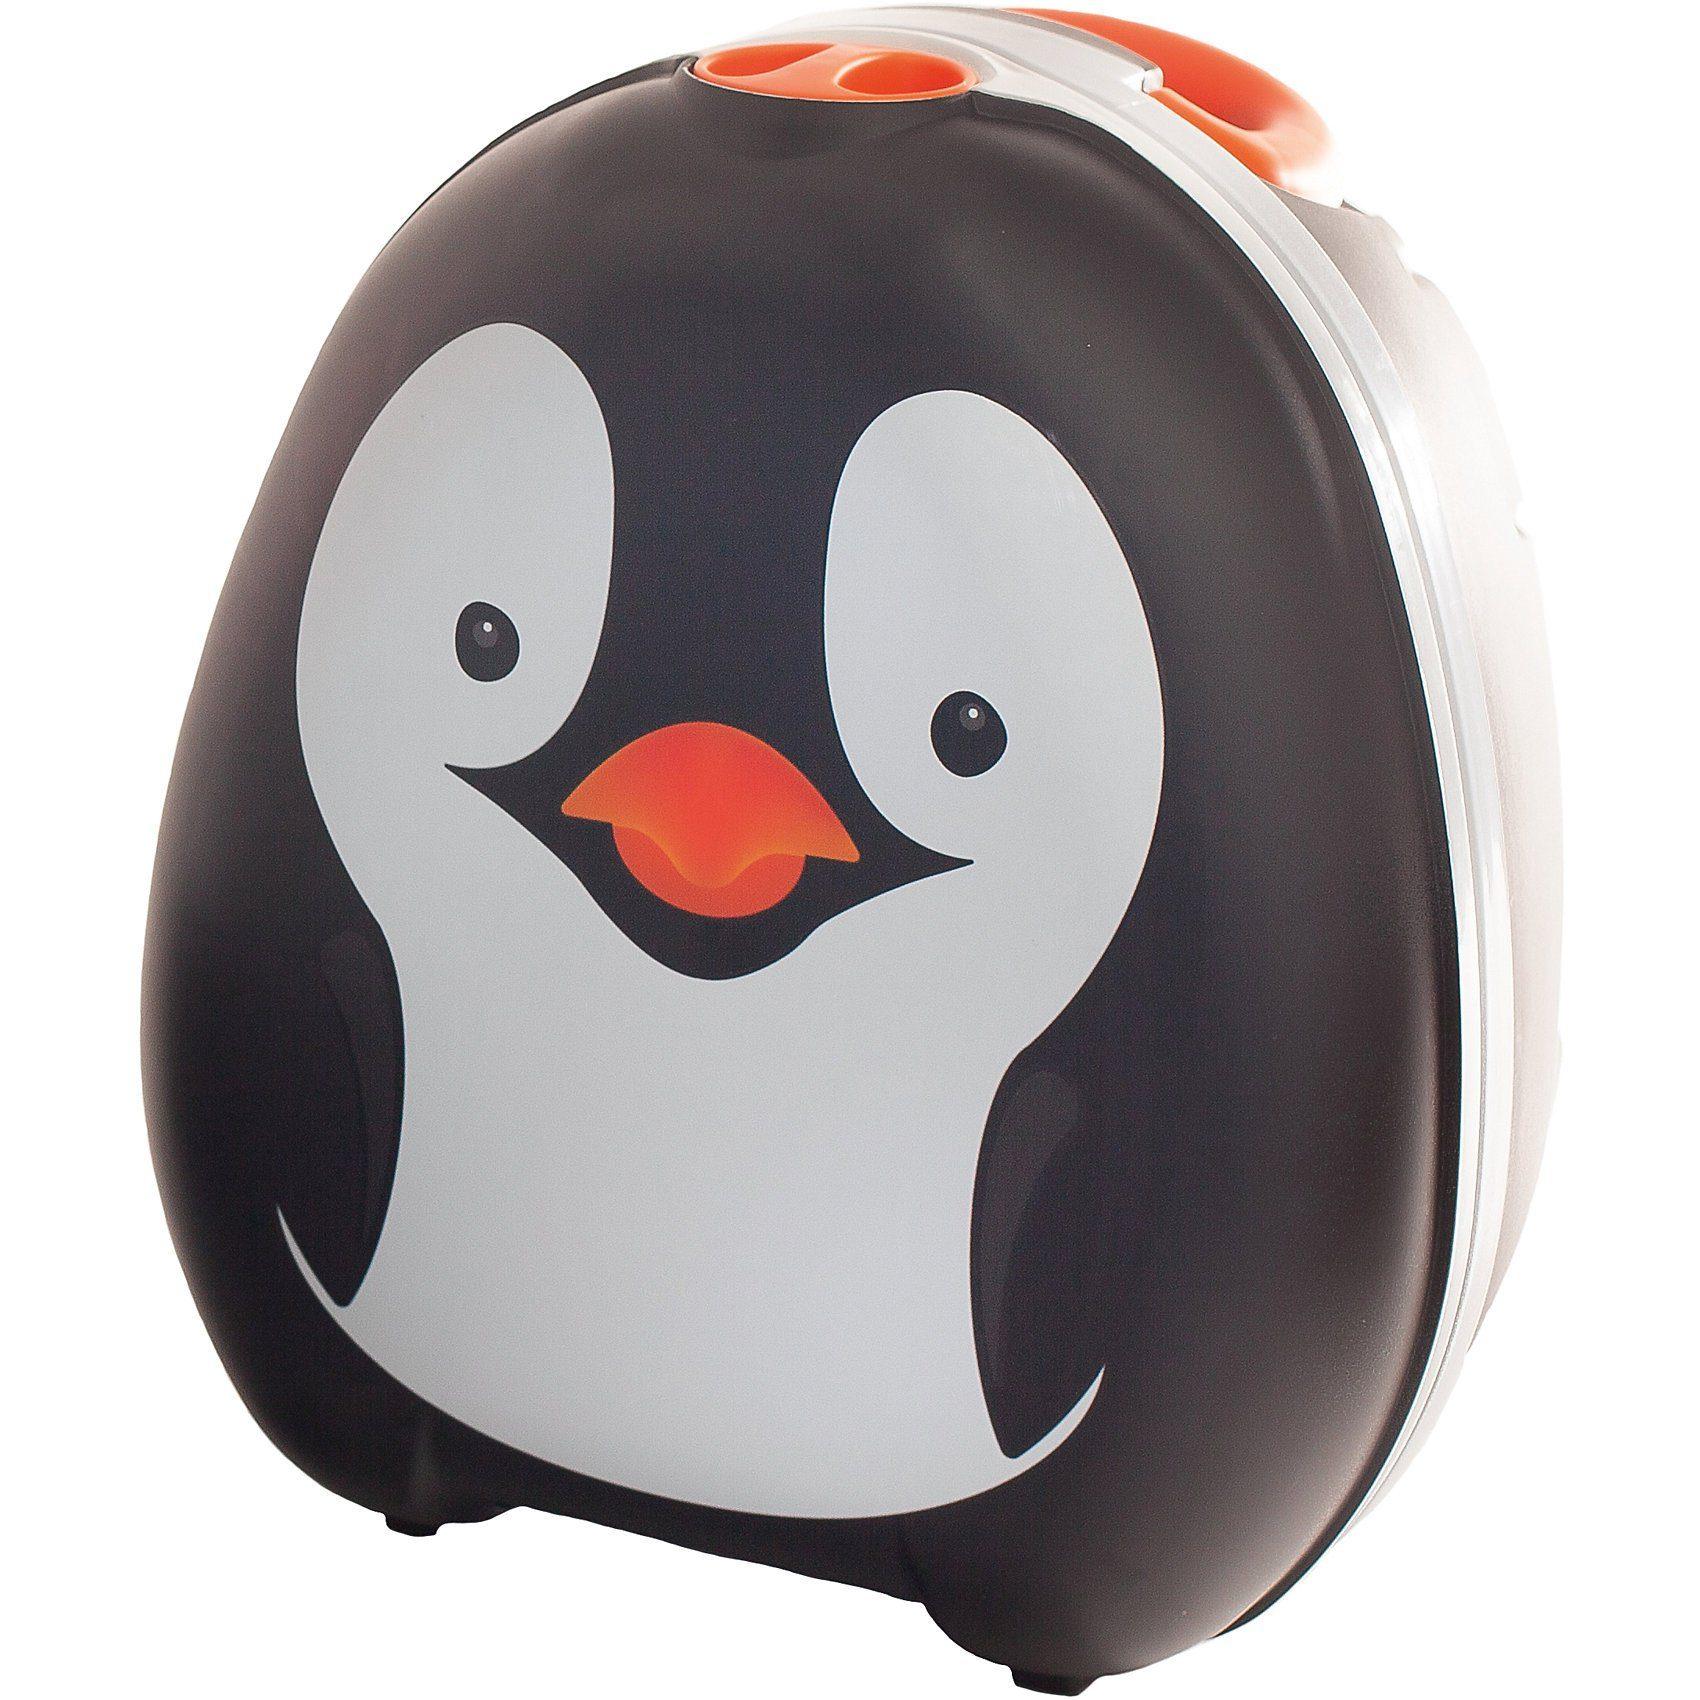 Tragbares Töpfchen für unterwegs My Carry Potty, Pinguin